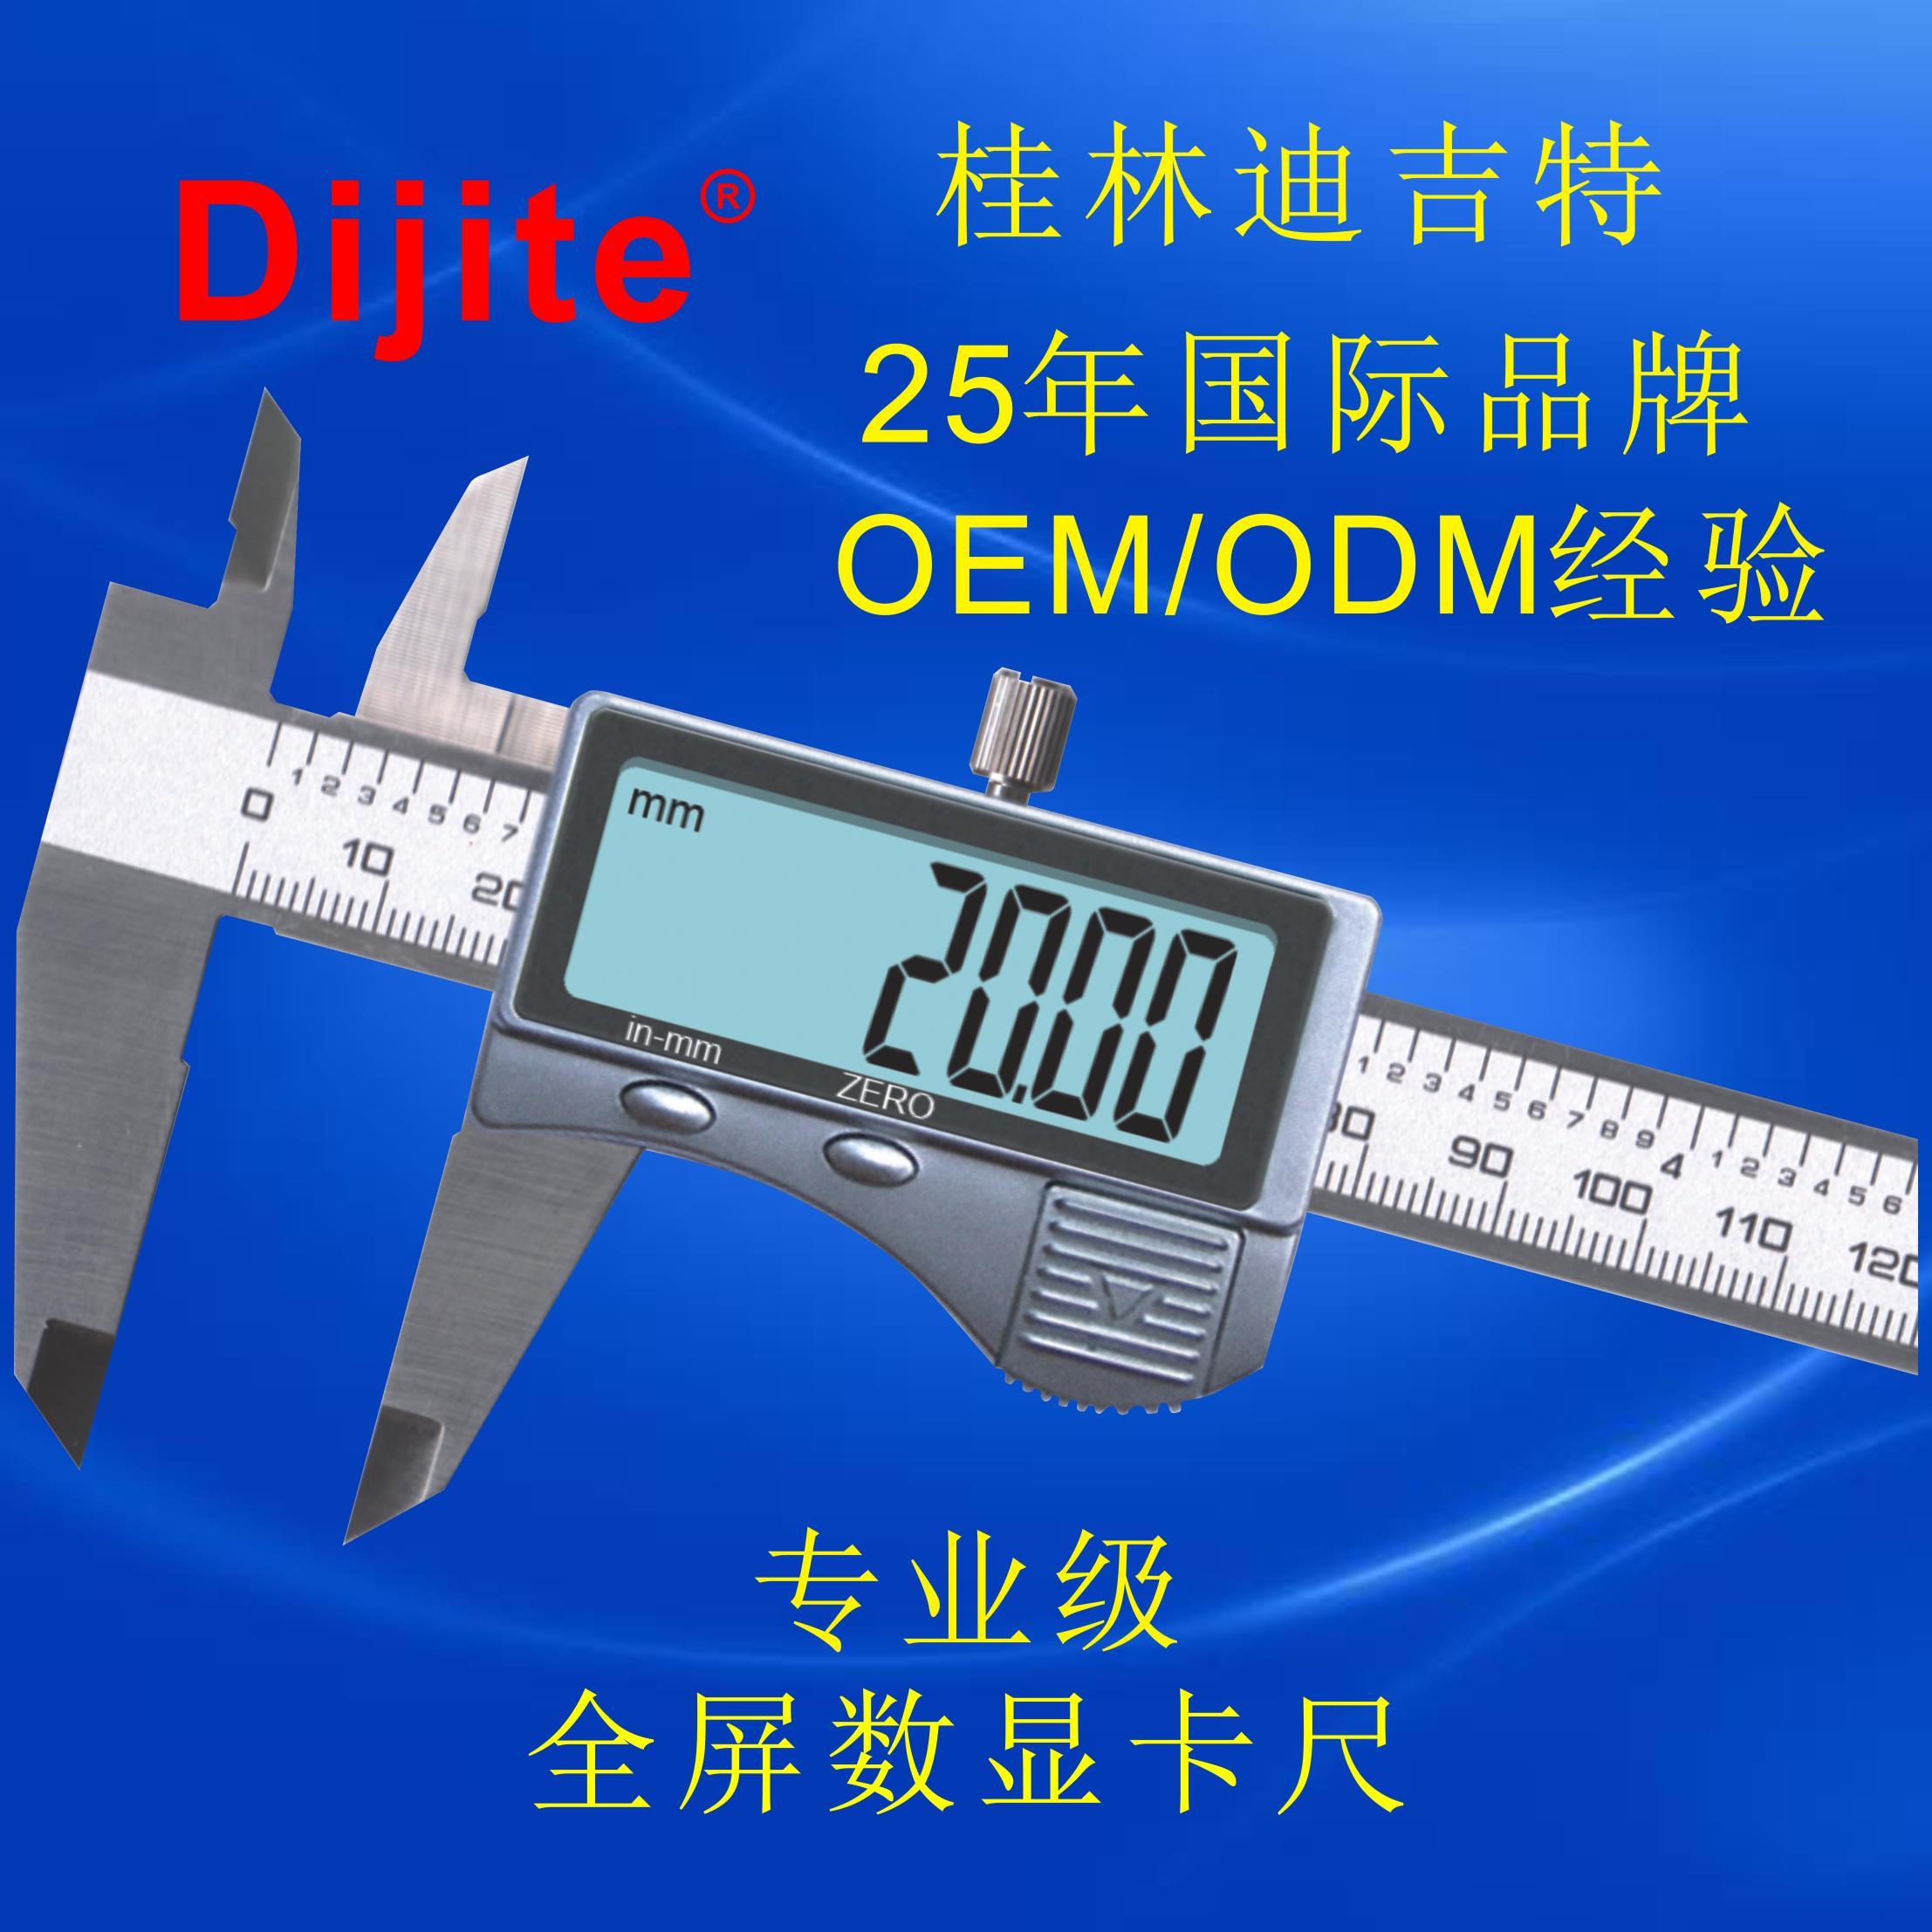 Dijite迪吉特量具  电子数显卡尺不锈钢数显游标卡尺 工业级 可定制